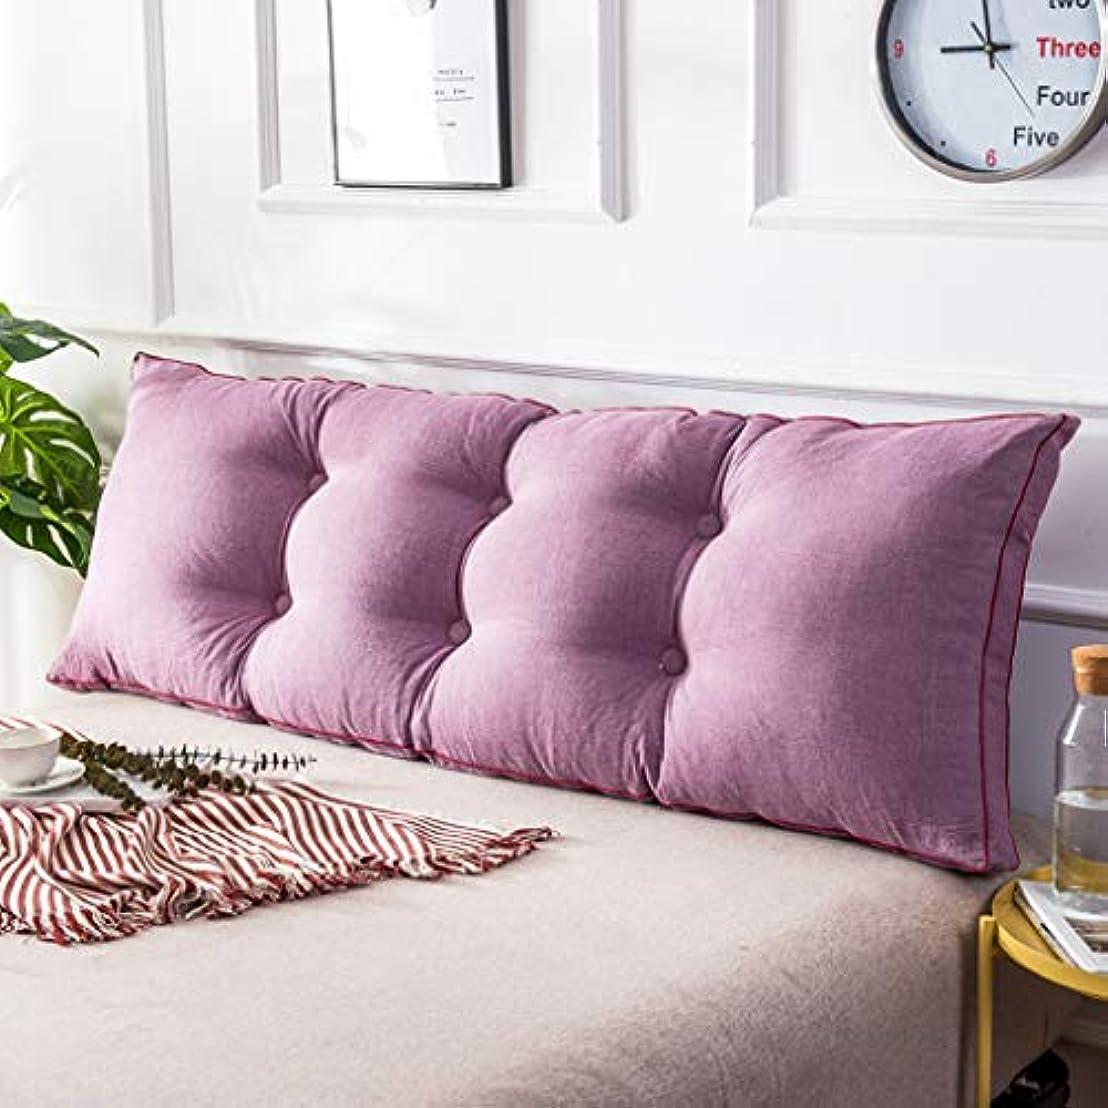 一見周波数ポテトシンプルな家庭用ダブルブレストウォッシュドコットンのベッドバックレストベイウィンドウロングピローソファ大きなクッション取り外し可能と洗える JAHUAJ (Color : C, Size : 200*50cm)